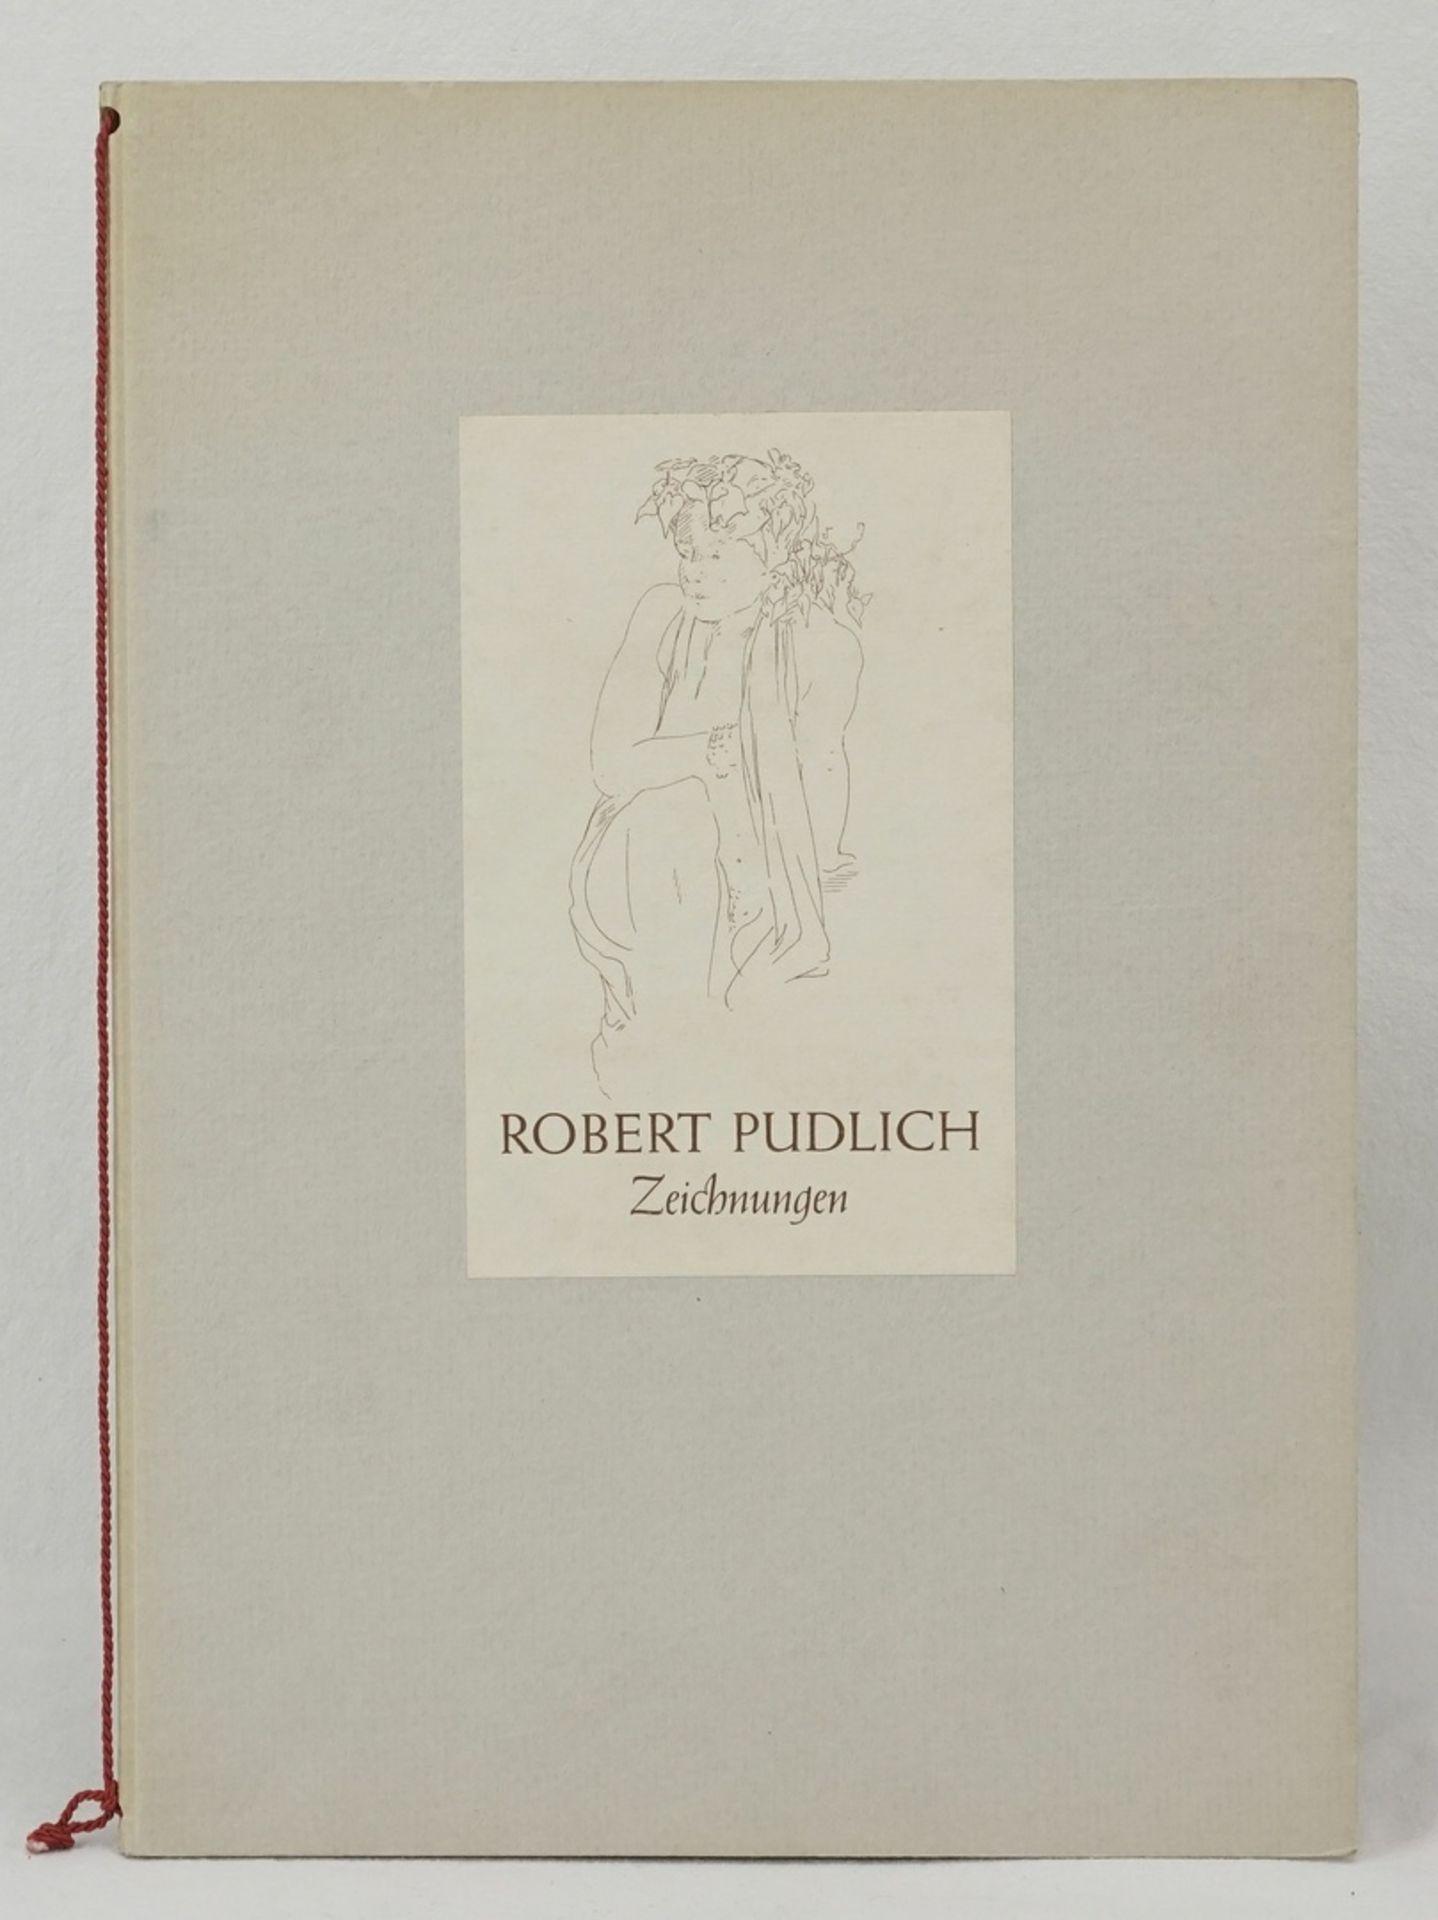 Robert Pudlich - Bild 2 aus 4